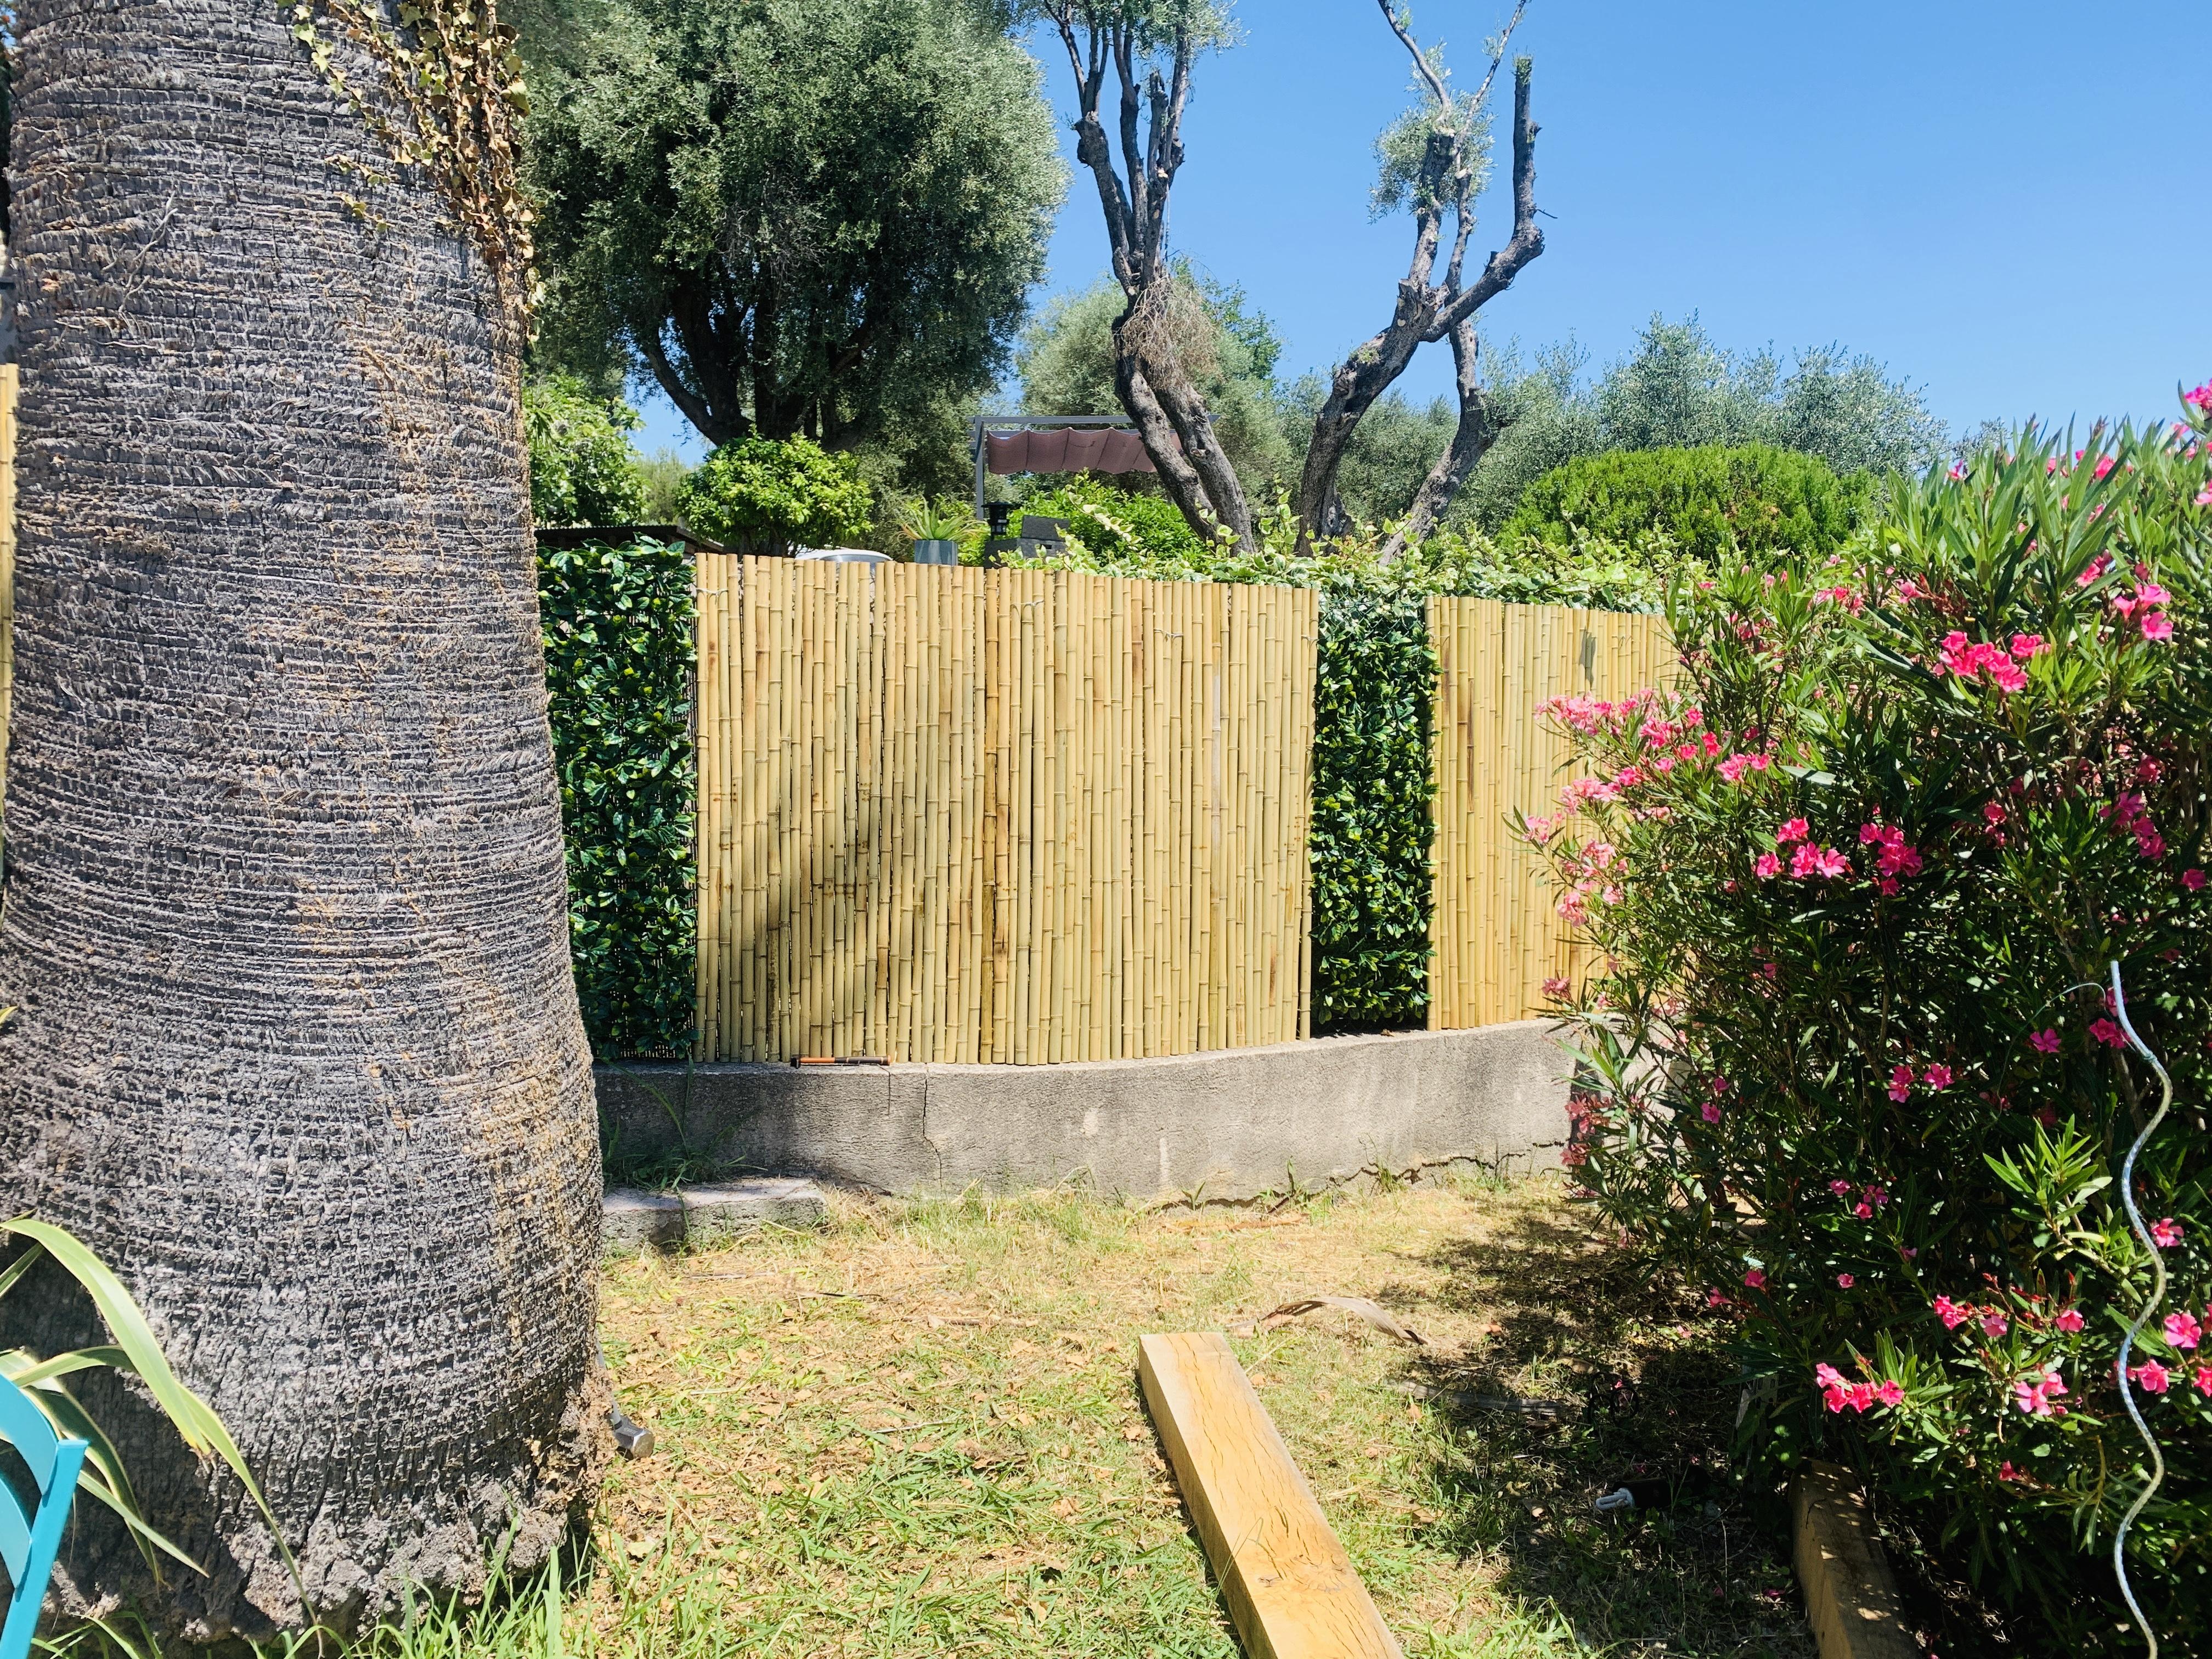 Installation des clôtures de bambous pleins, ainsi que des haies synthétiques de lauriers sauce.